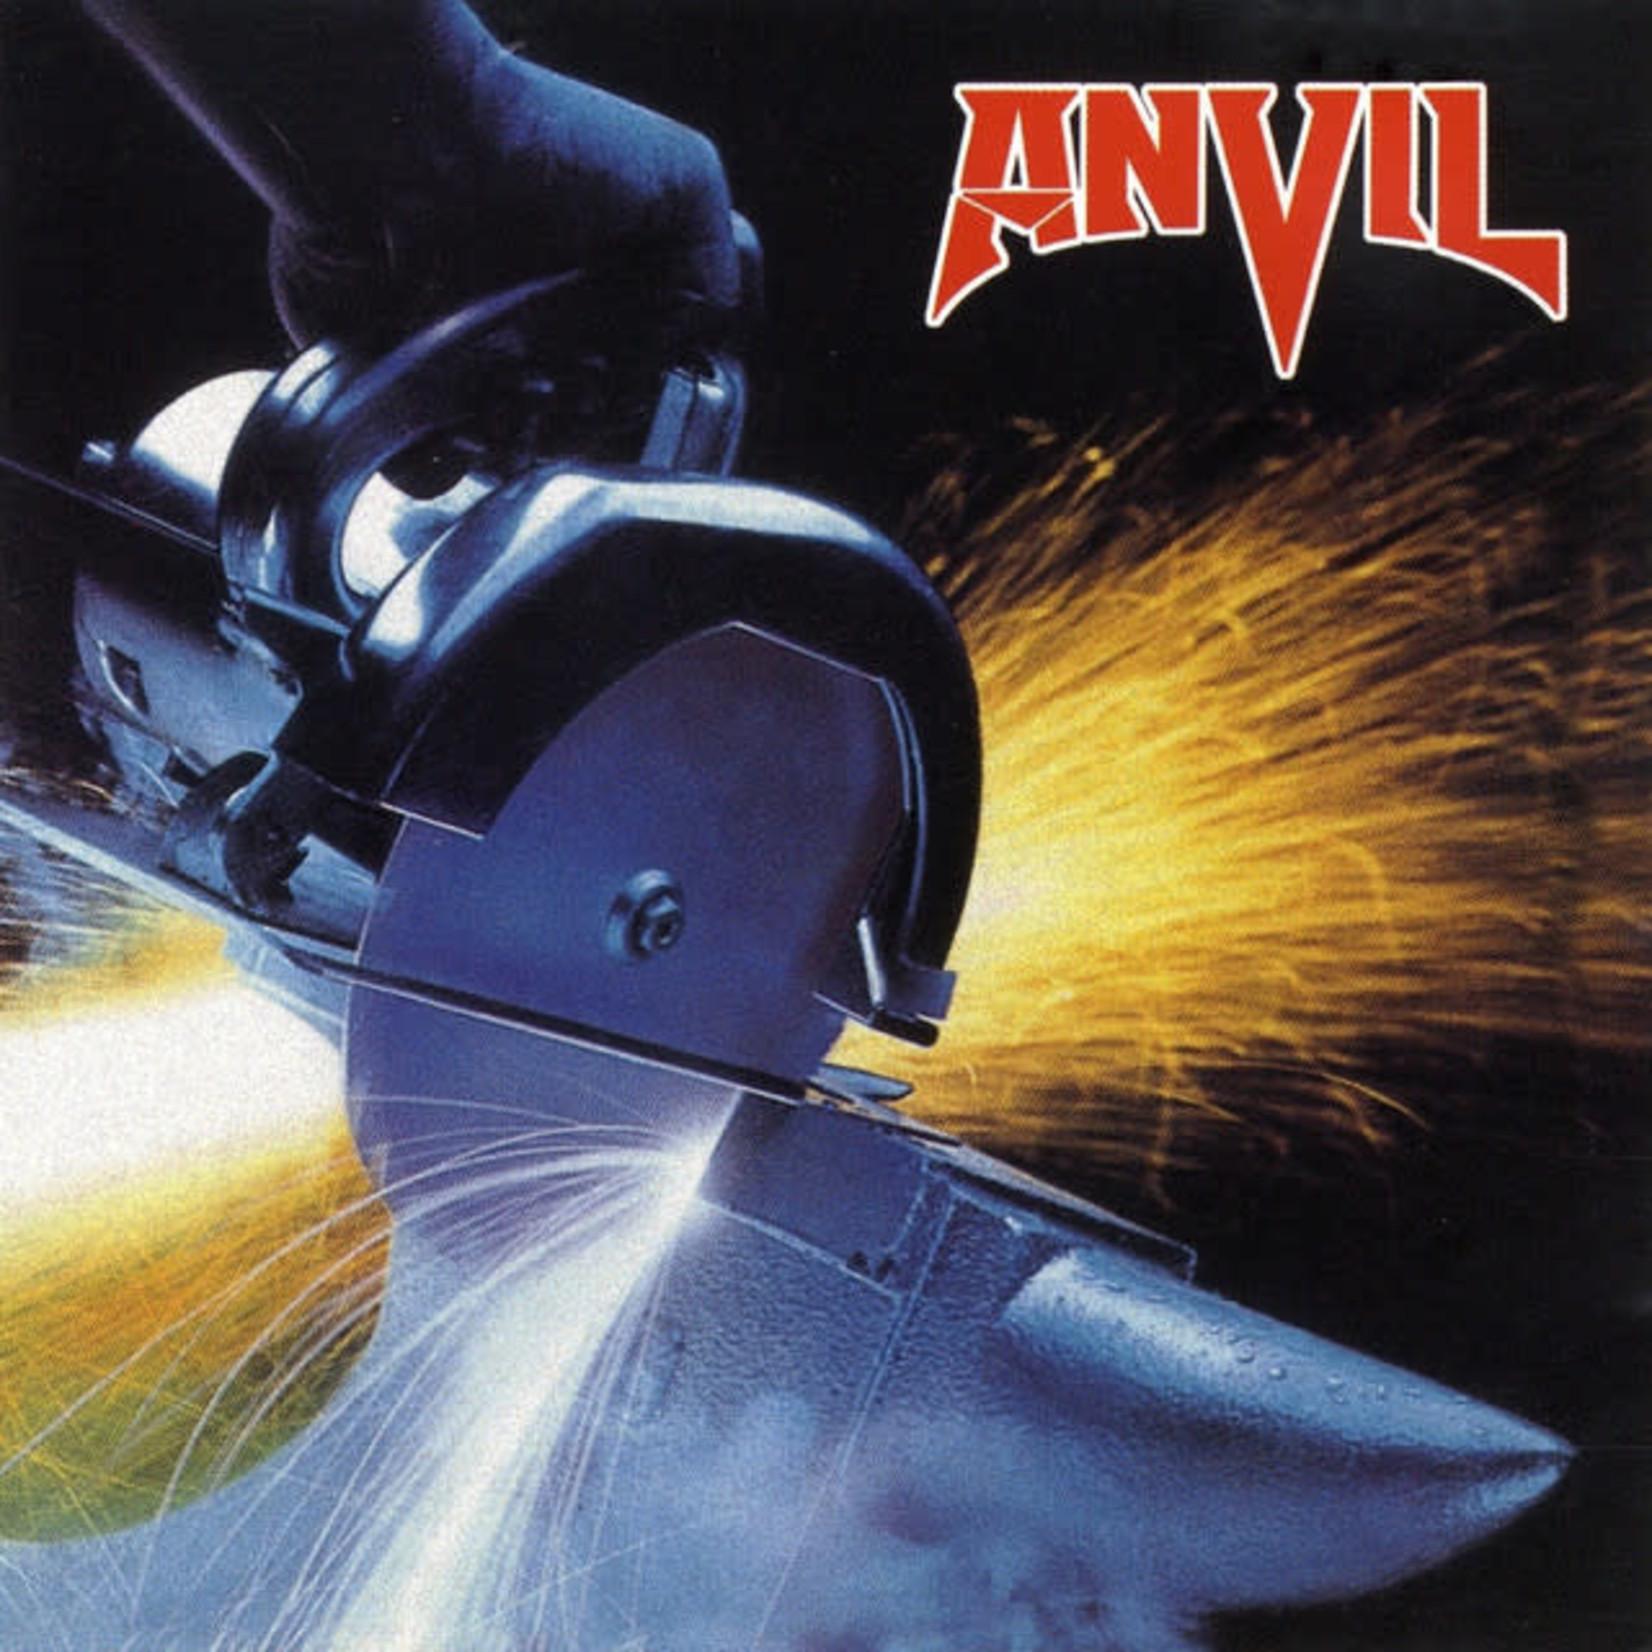 Vinyl Anvil - Metal On Metal